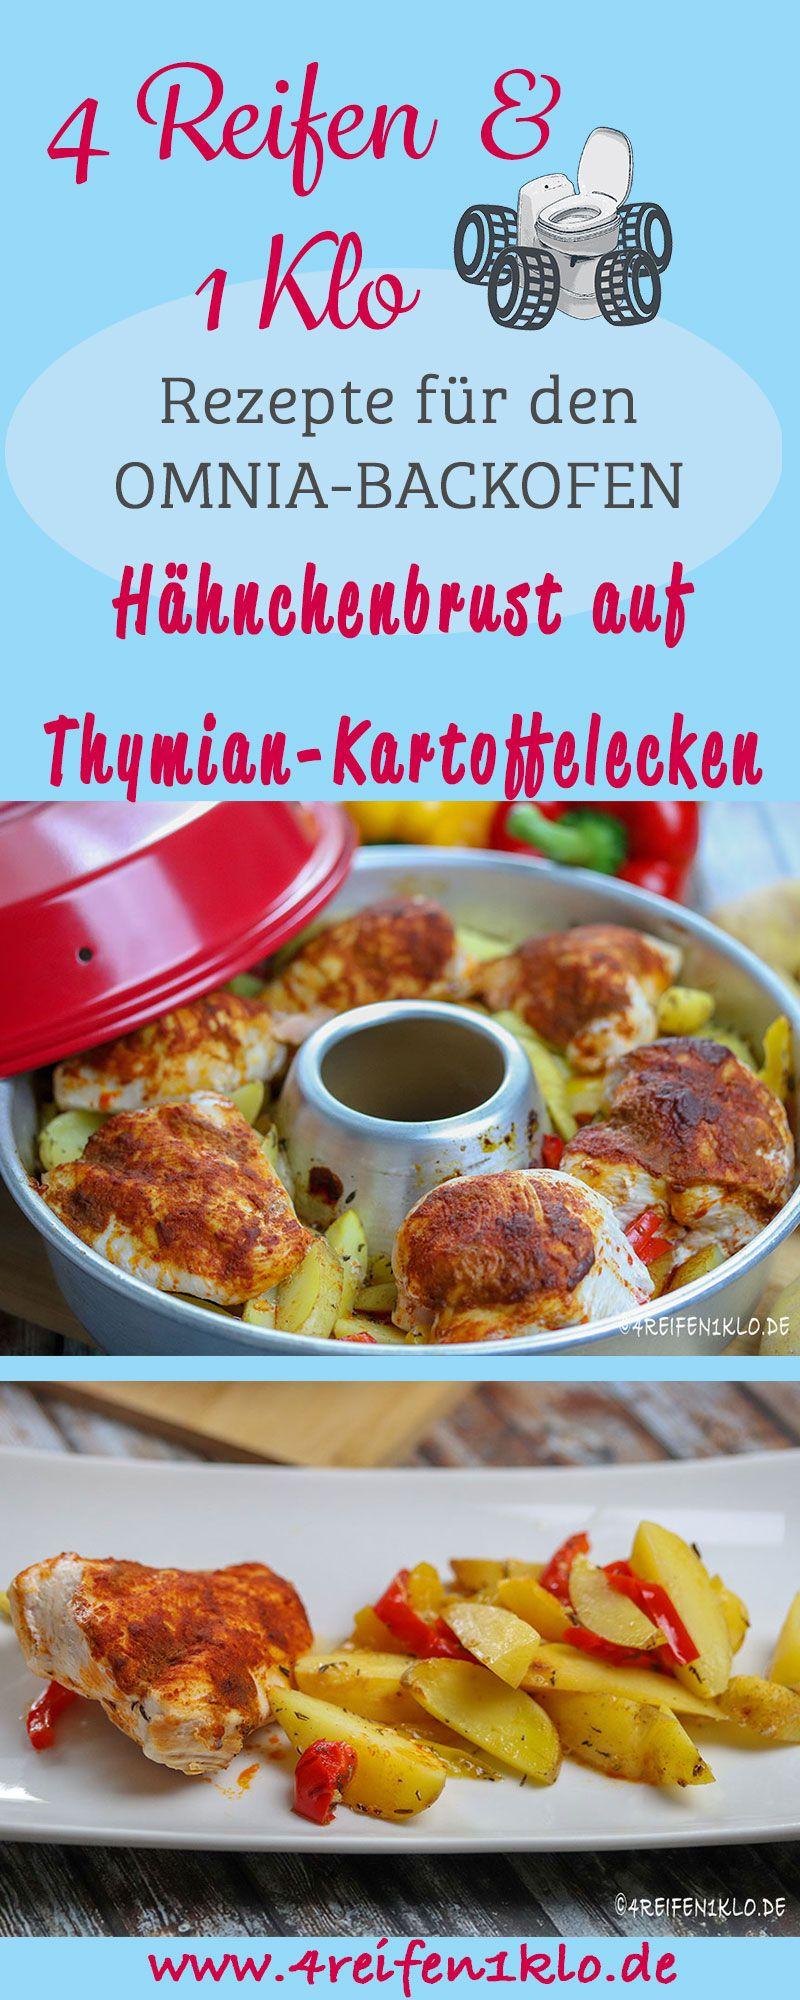 Hähnchenbrust auf Thymian-Kartoffelecken  #kartoffeleckenbackofen